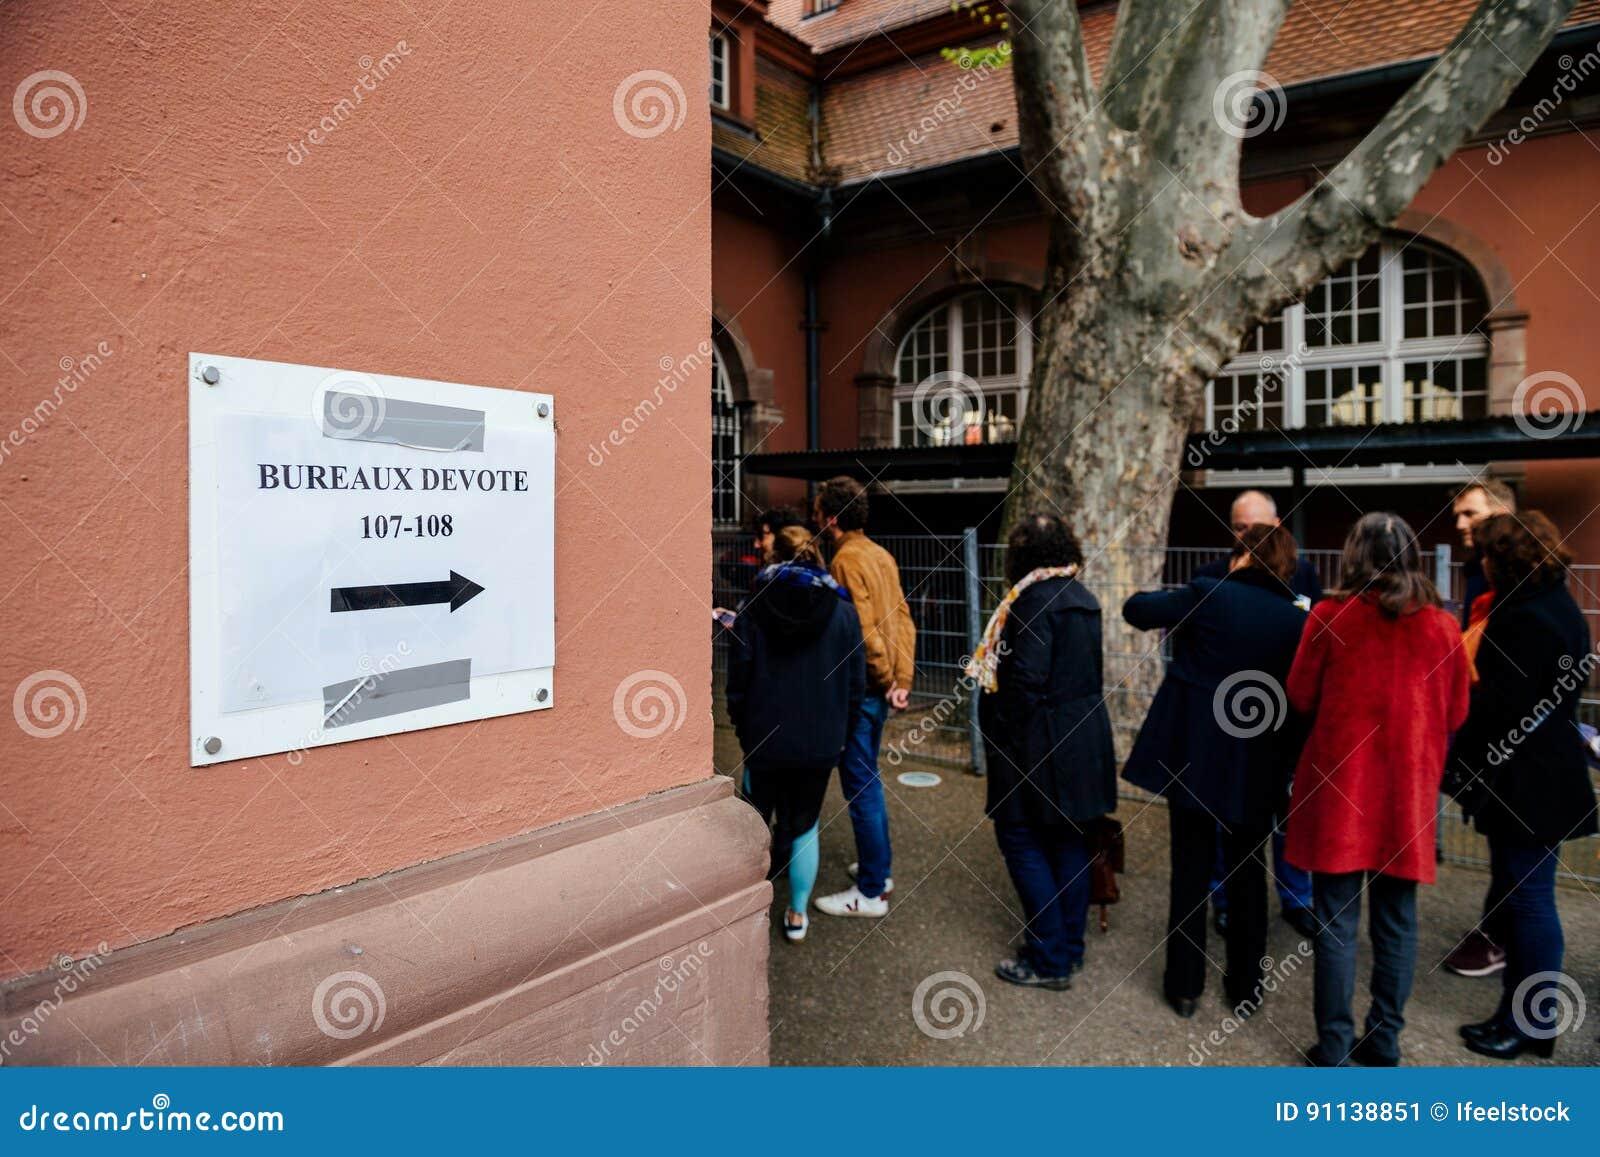 Bureaux de vote voting section france queu editorial photo image